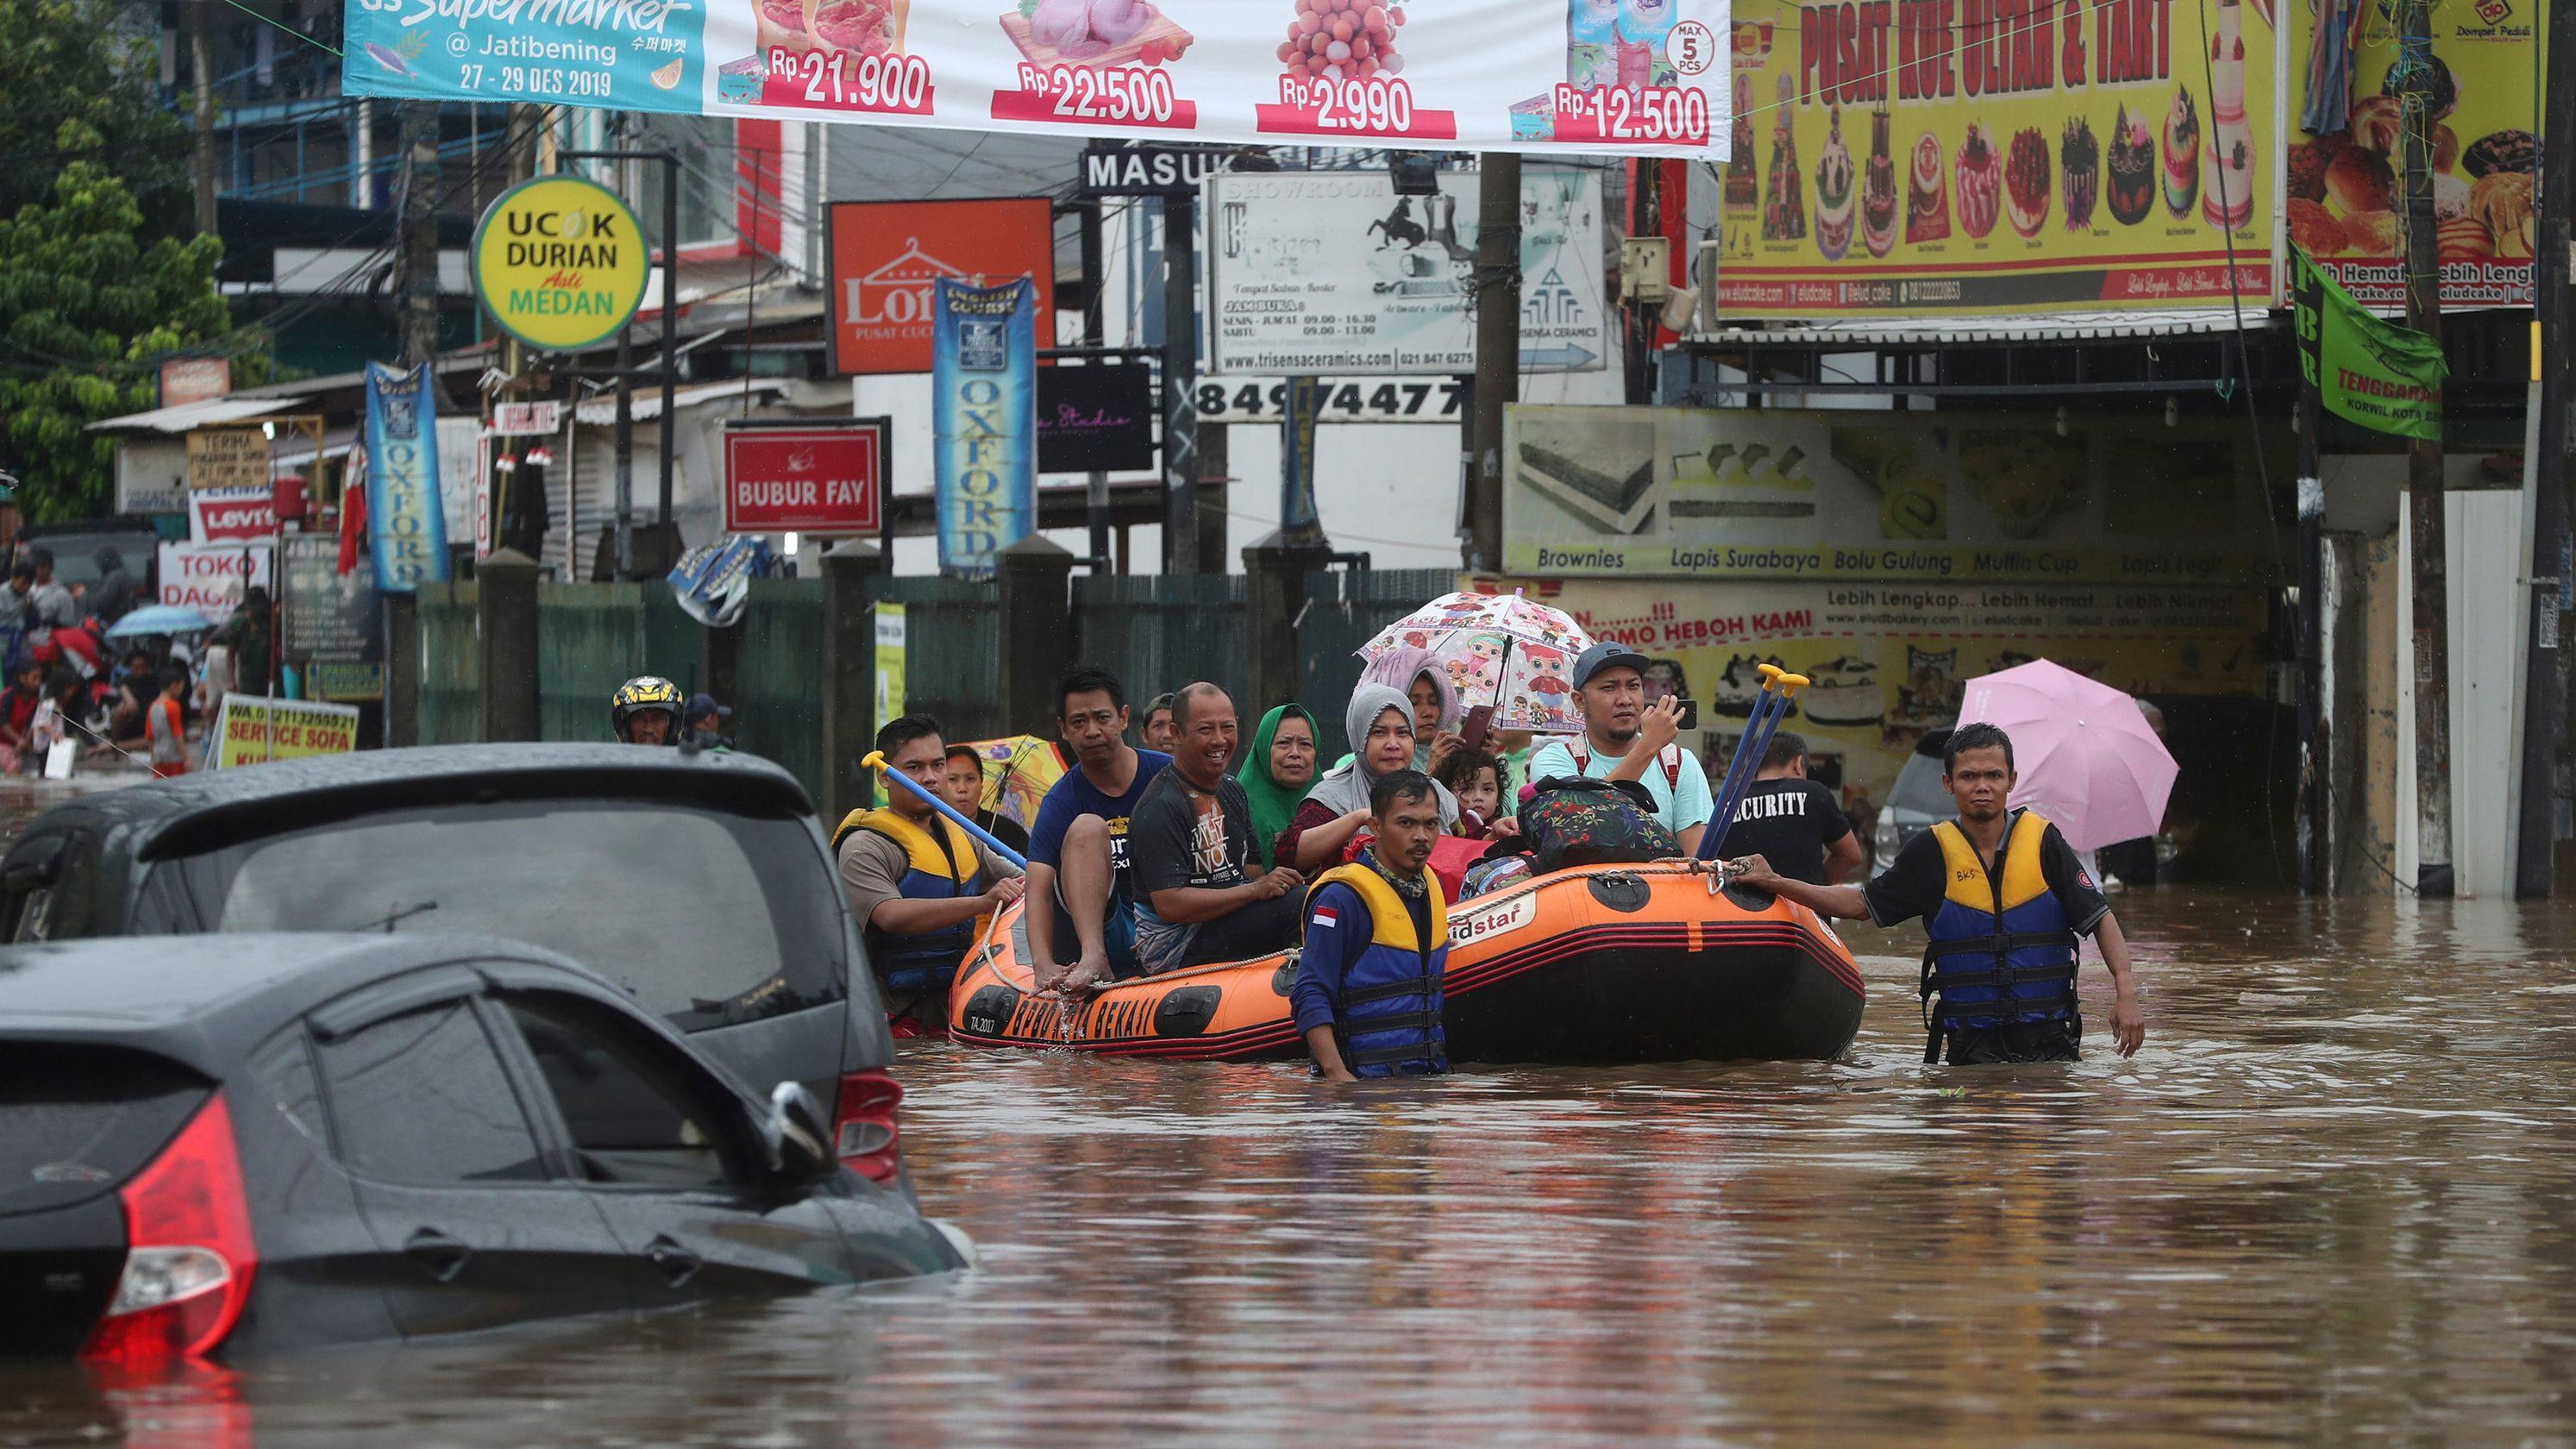 Menschen in einem Schlauchboot.